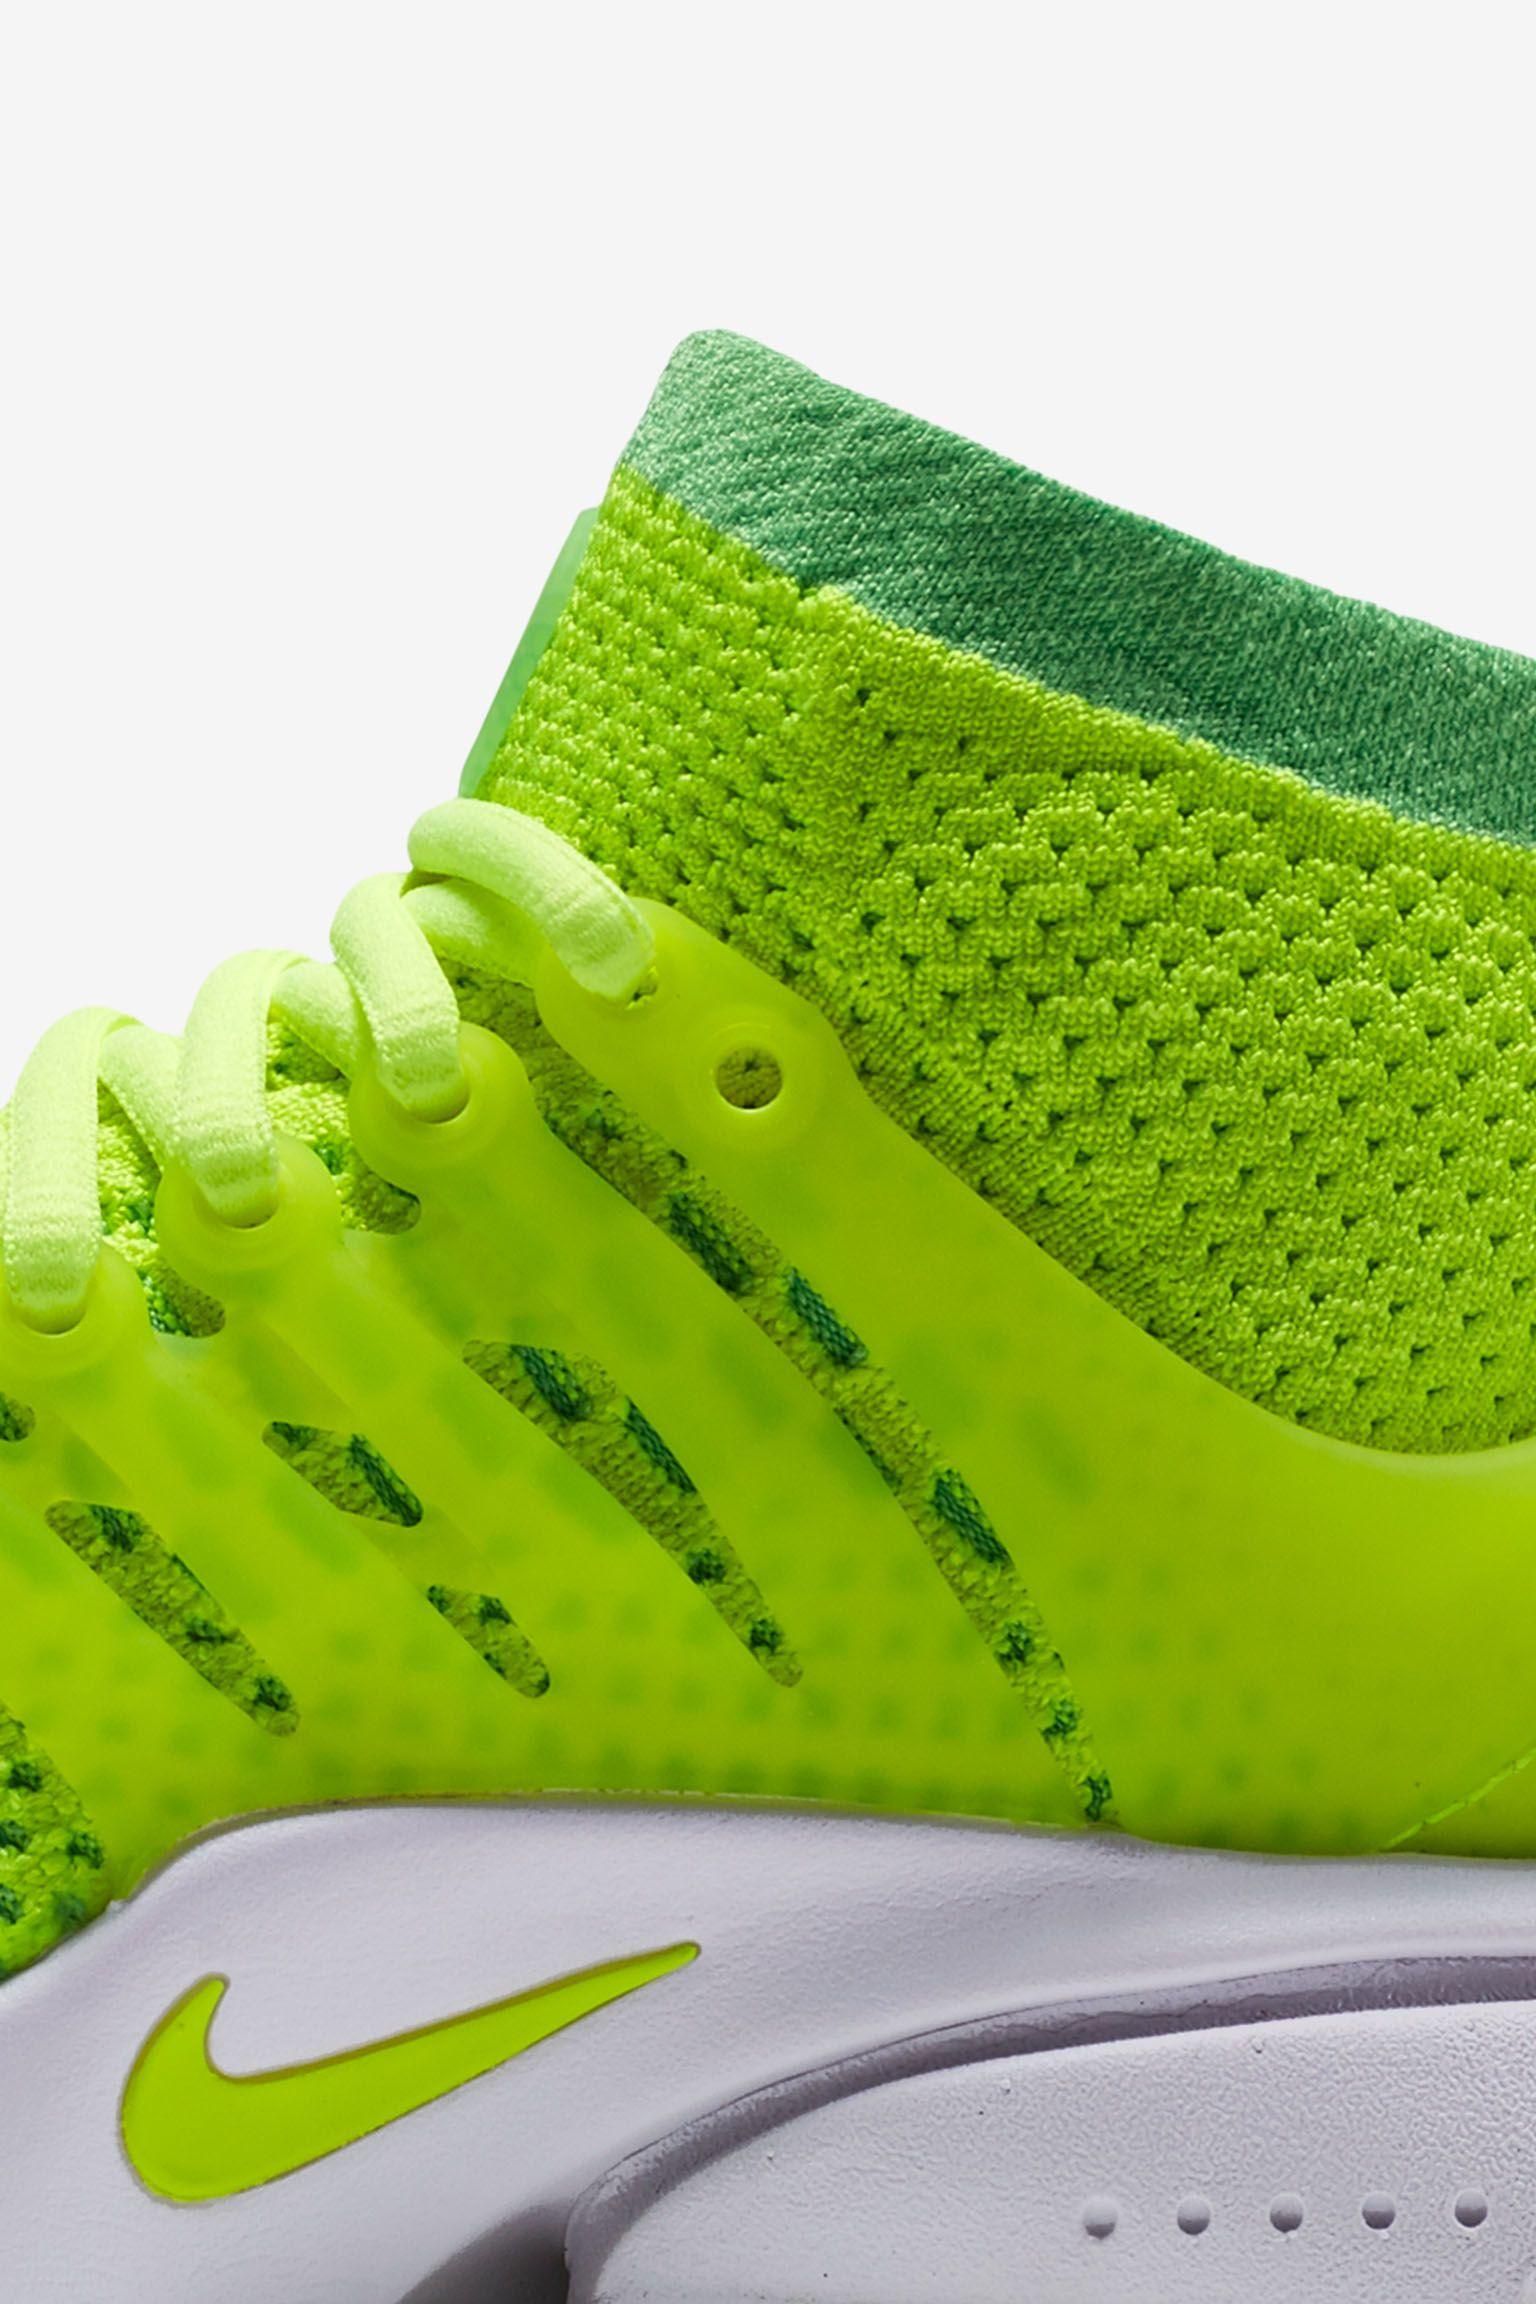 Women's Nike Air Presto Ultra Flyknit 'Volt Green' Release Date